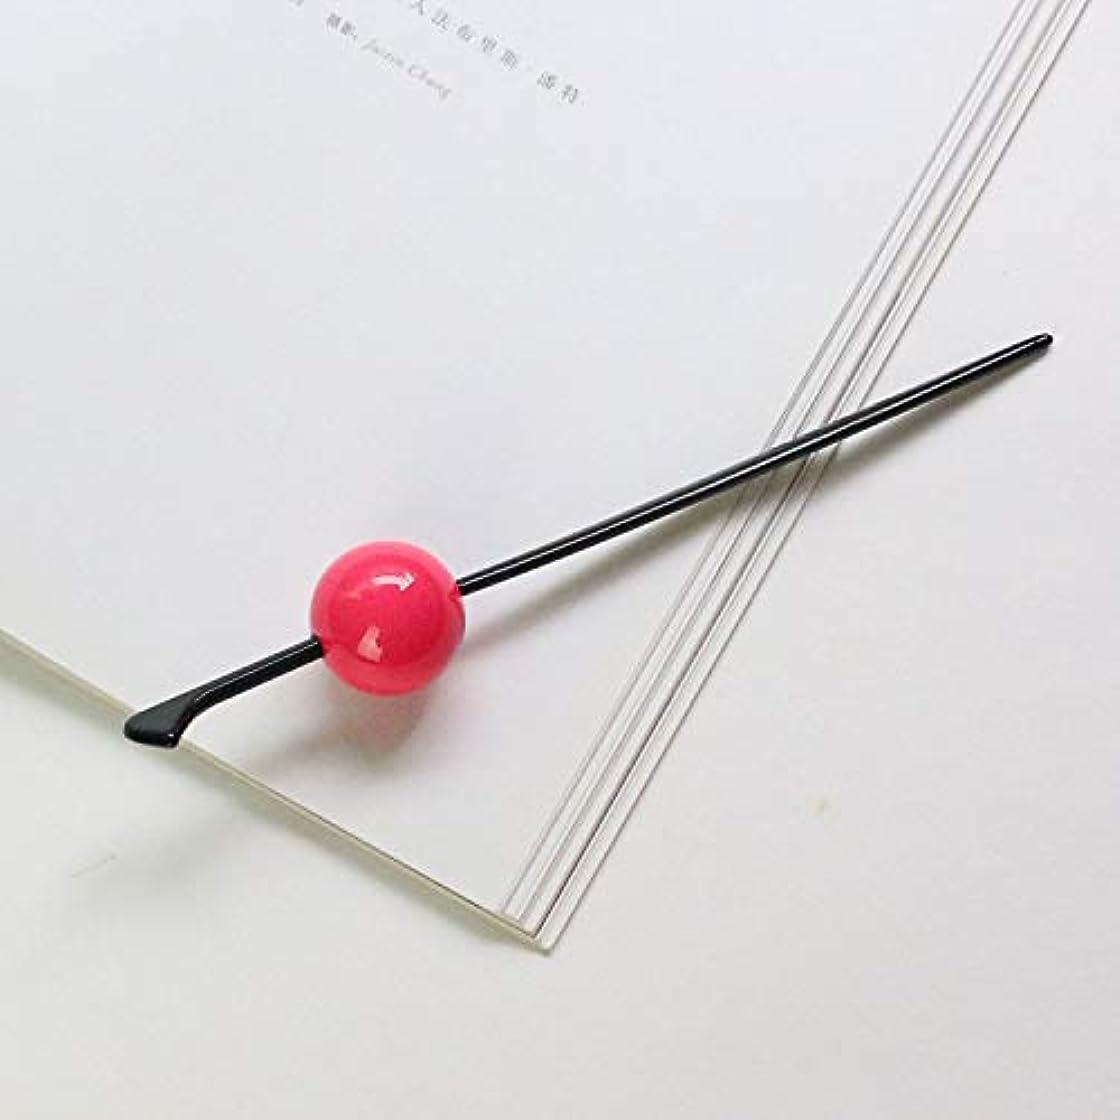 空中燃やす矢HuaQingPiJu-JP キャンディーカラーヘアクリップヘアピンガールヘアアクセサリー(ピンク)